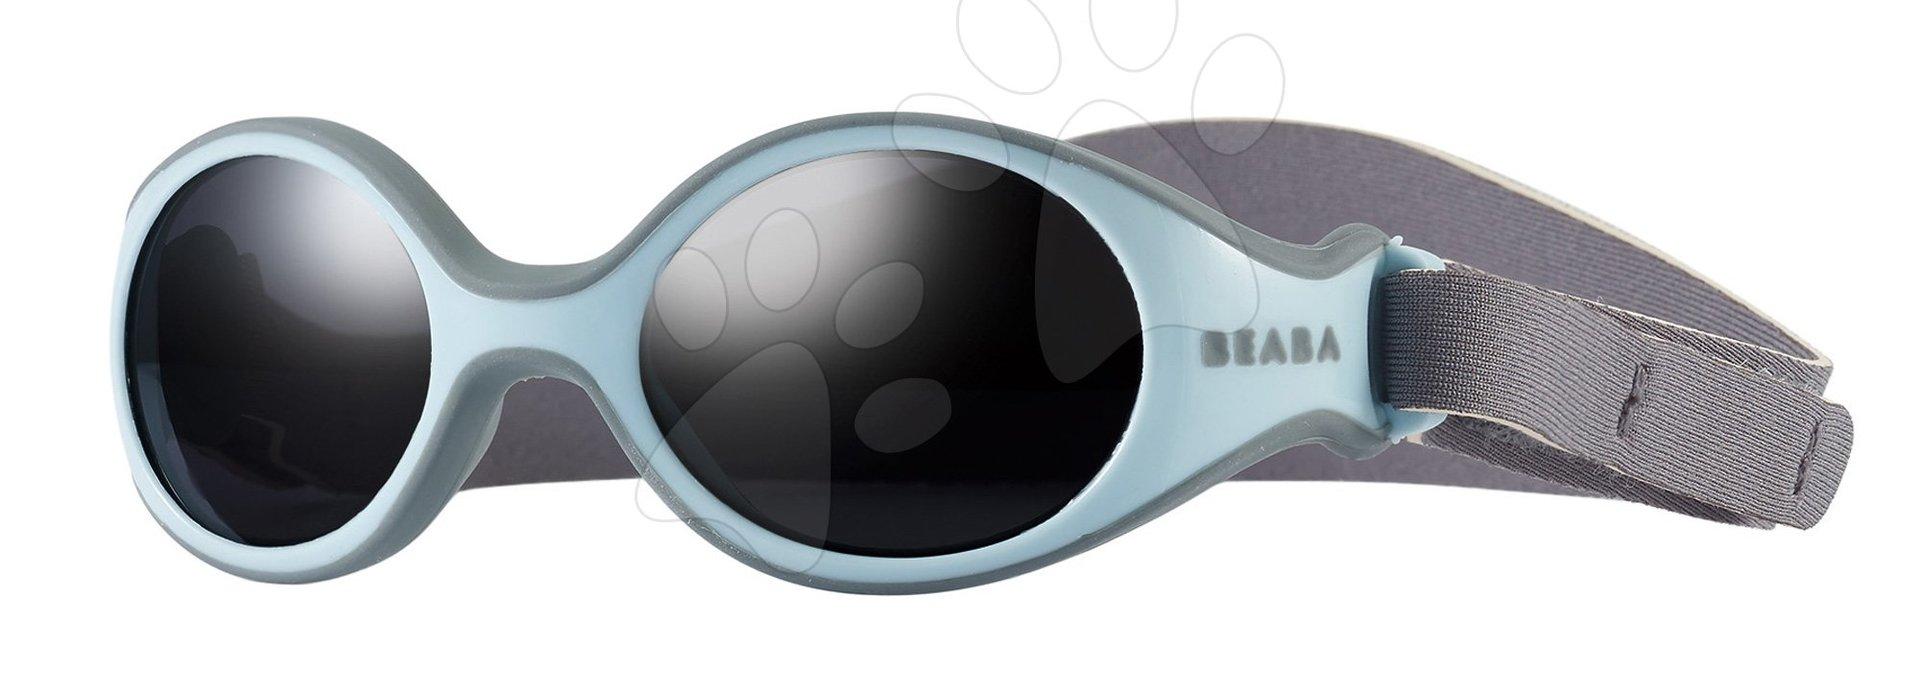 Slnečné okuliare pre novorodencov Beaba Clip strap XS šedé UV4 - zimné  930265 1636eabca5